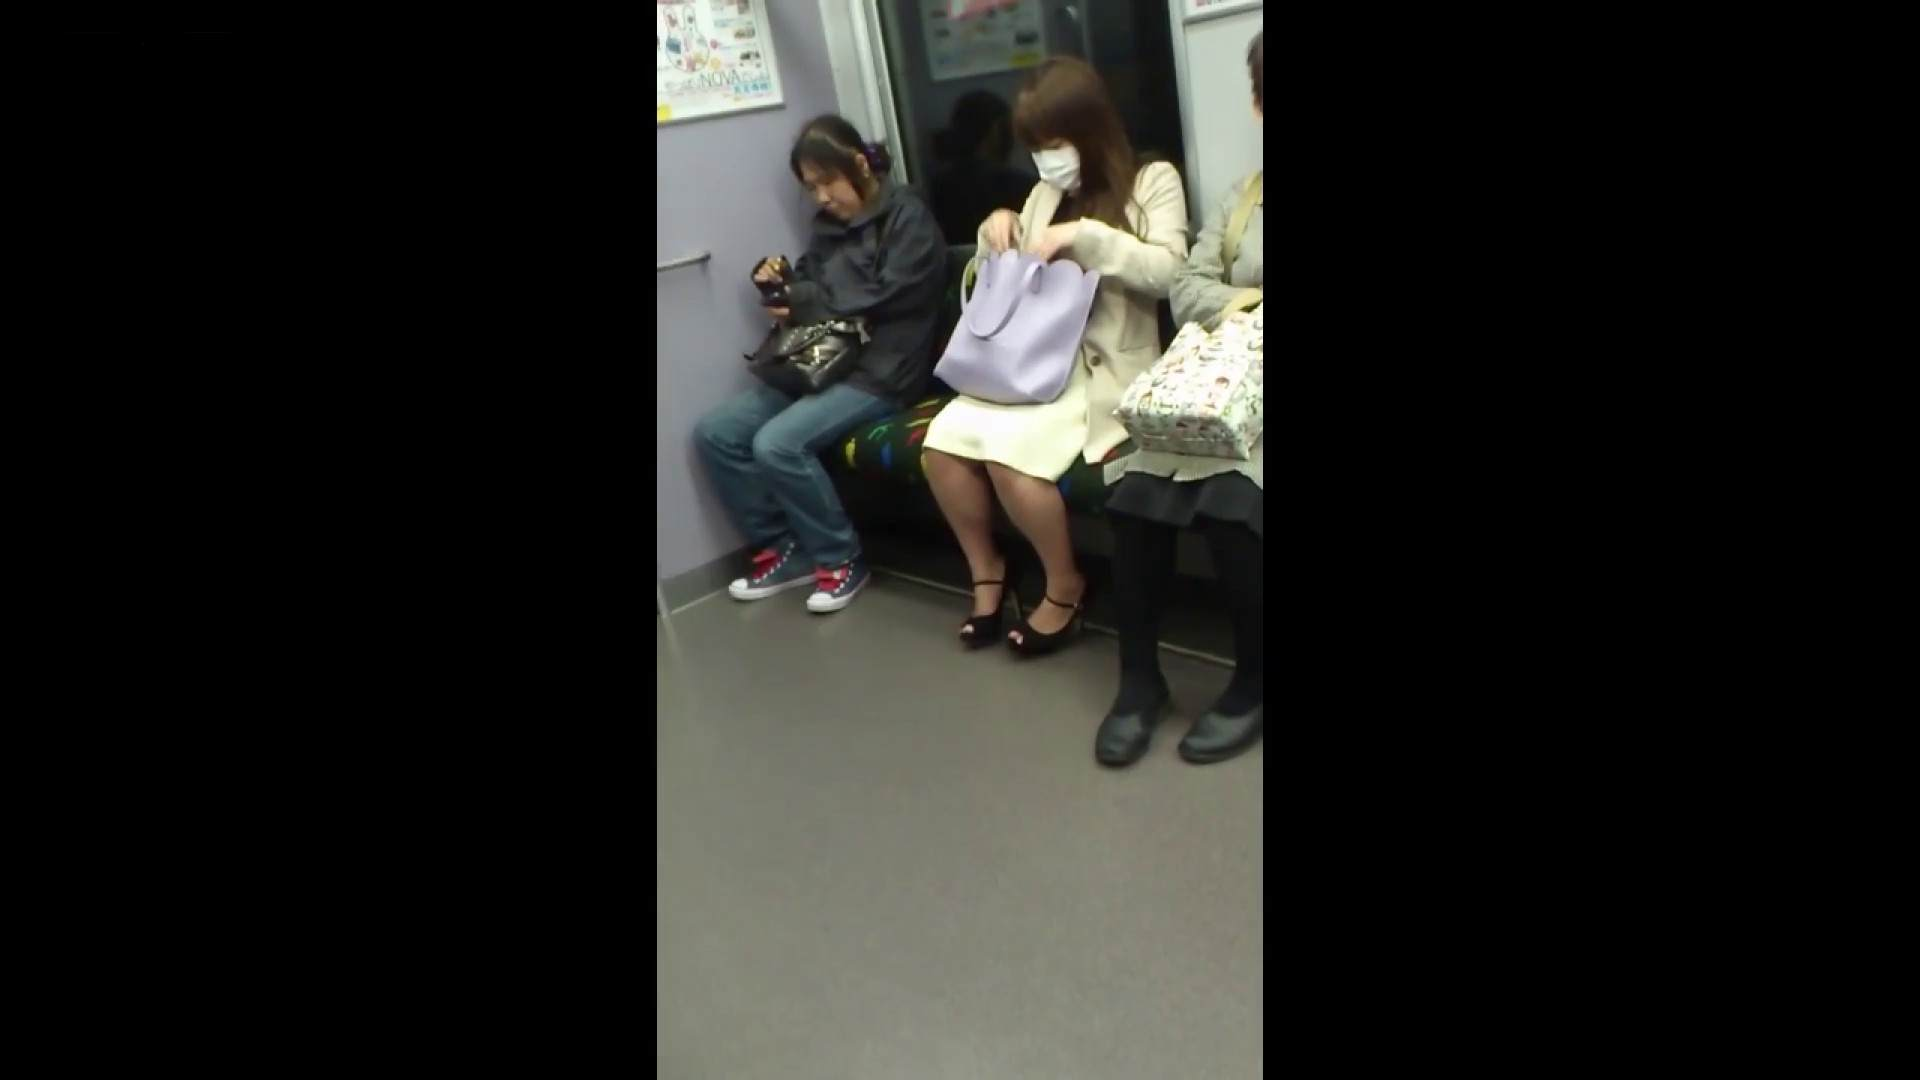 盗撮列車 Vol.55 黄色の爽やかなスカートが大好きです。 盗撮編 AV無料動画キャプチャ 89枚 46